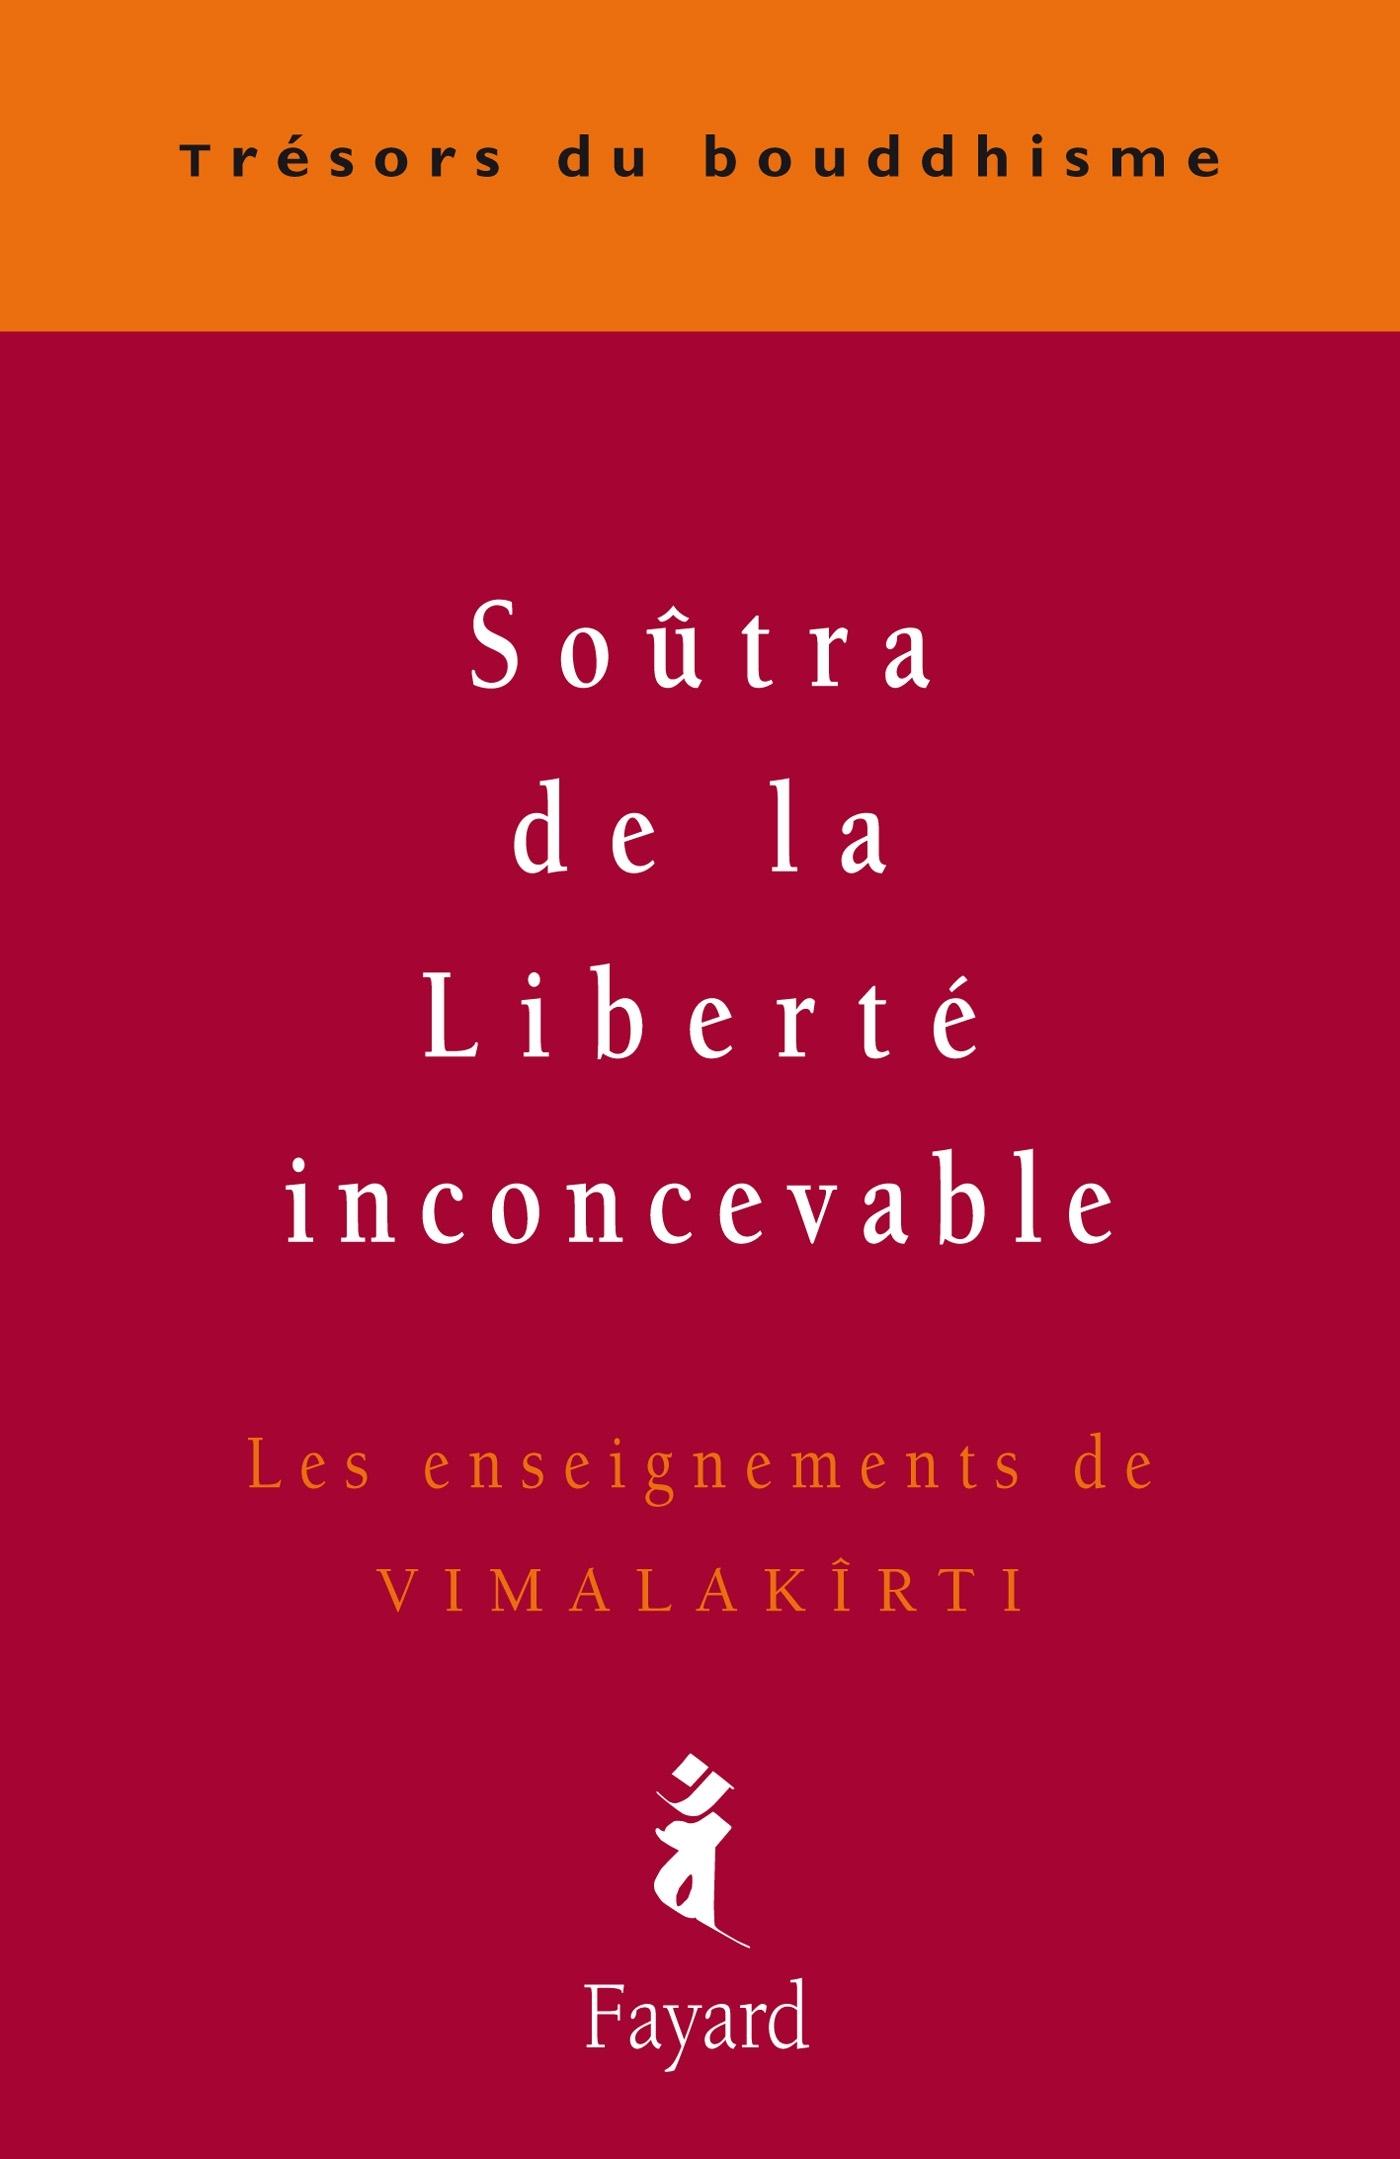 SOUTRA DE LA LIBERTE INCONCEVABLE - LES ENSEIGNEMENTS DE VIMALAKIRTI